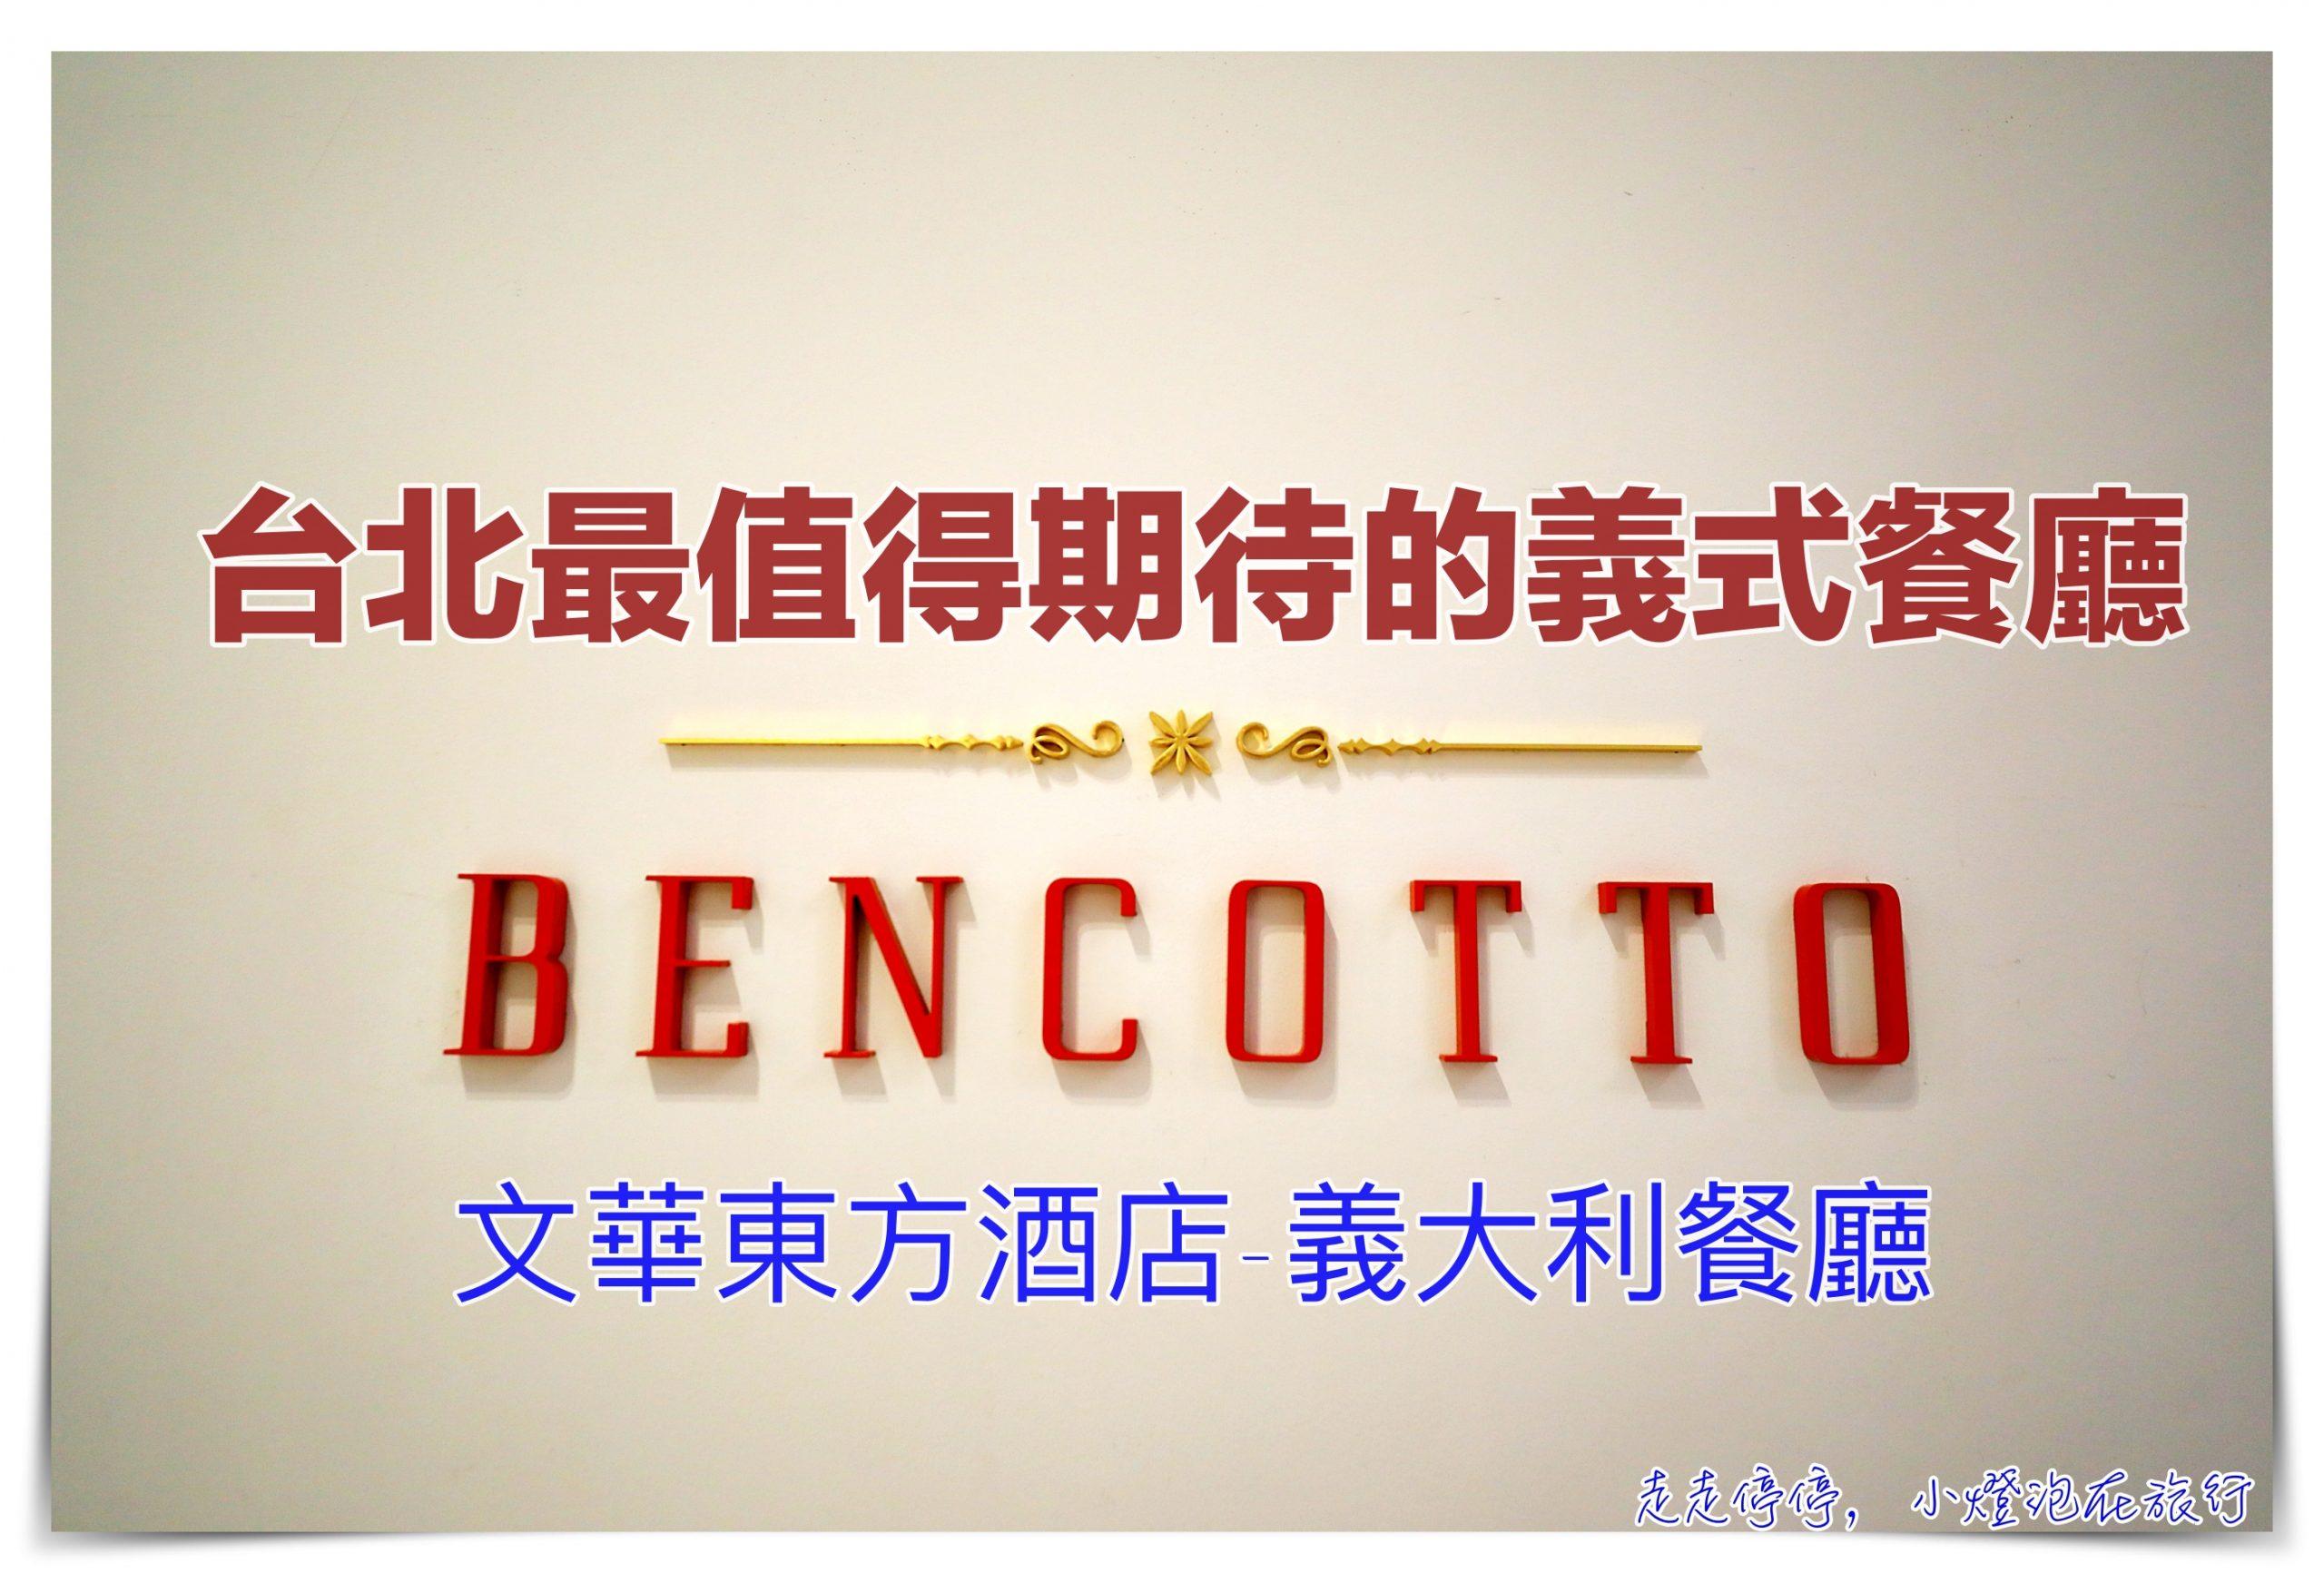 即時熱門文章:Bencotto|台北最值得期待義大利餐廳,文華東方酒店質感用餐